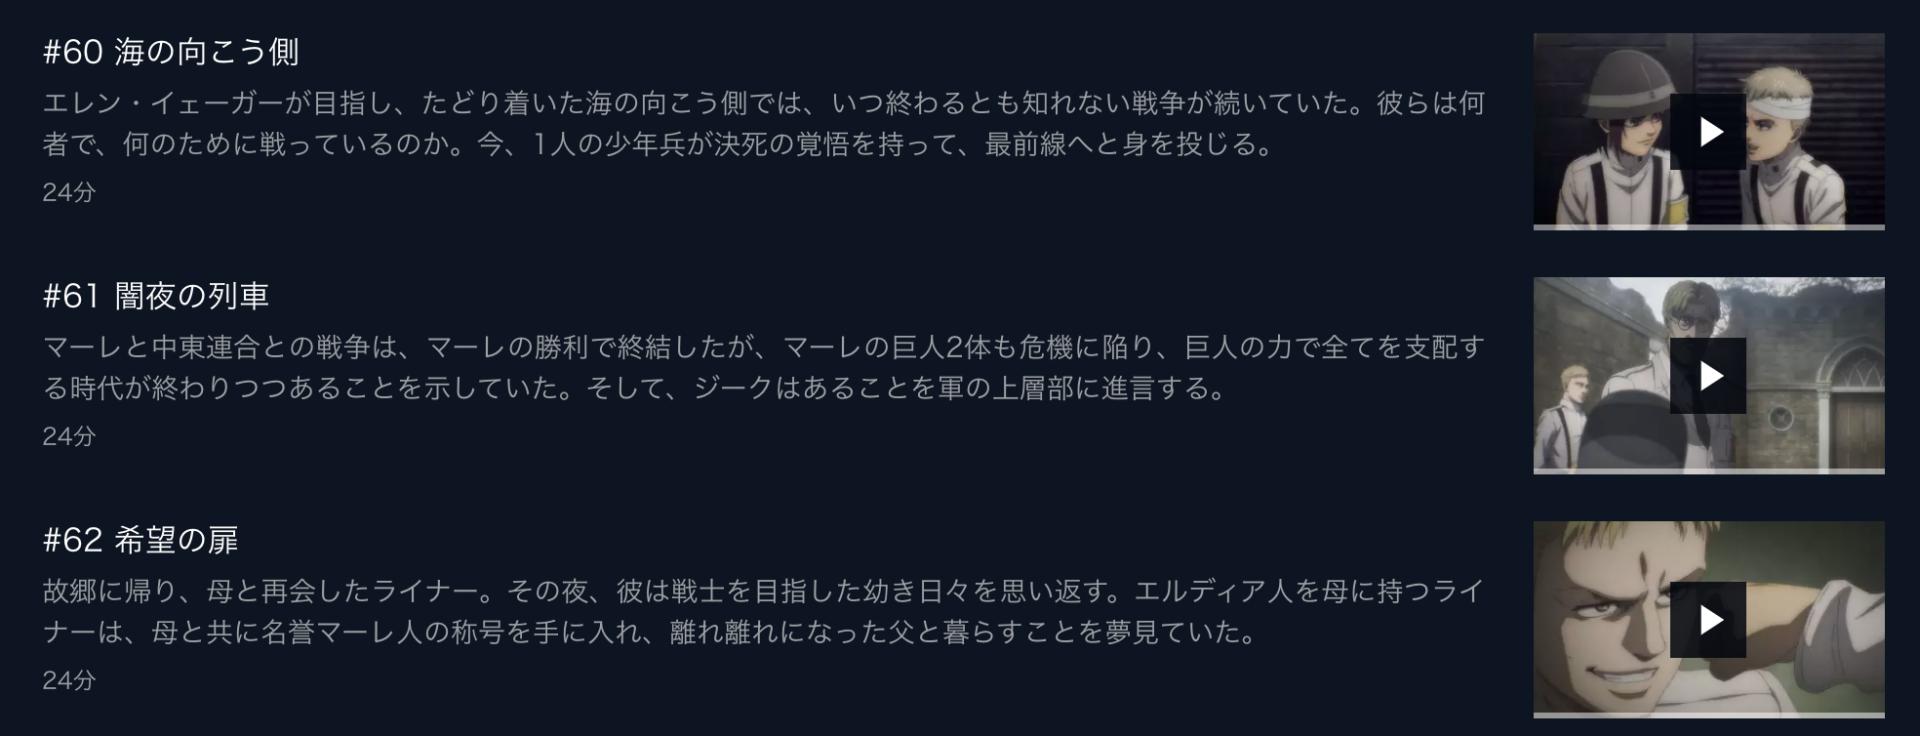 進撃の巨人アニメ